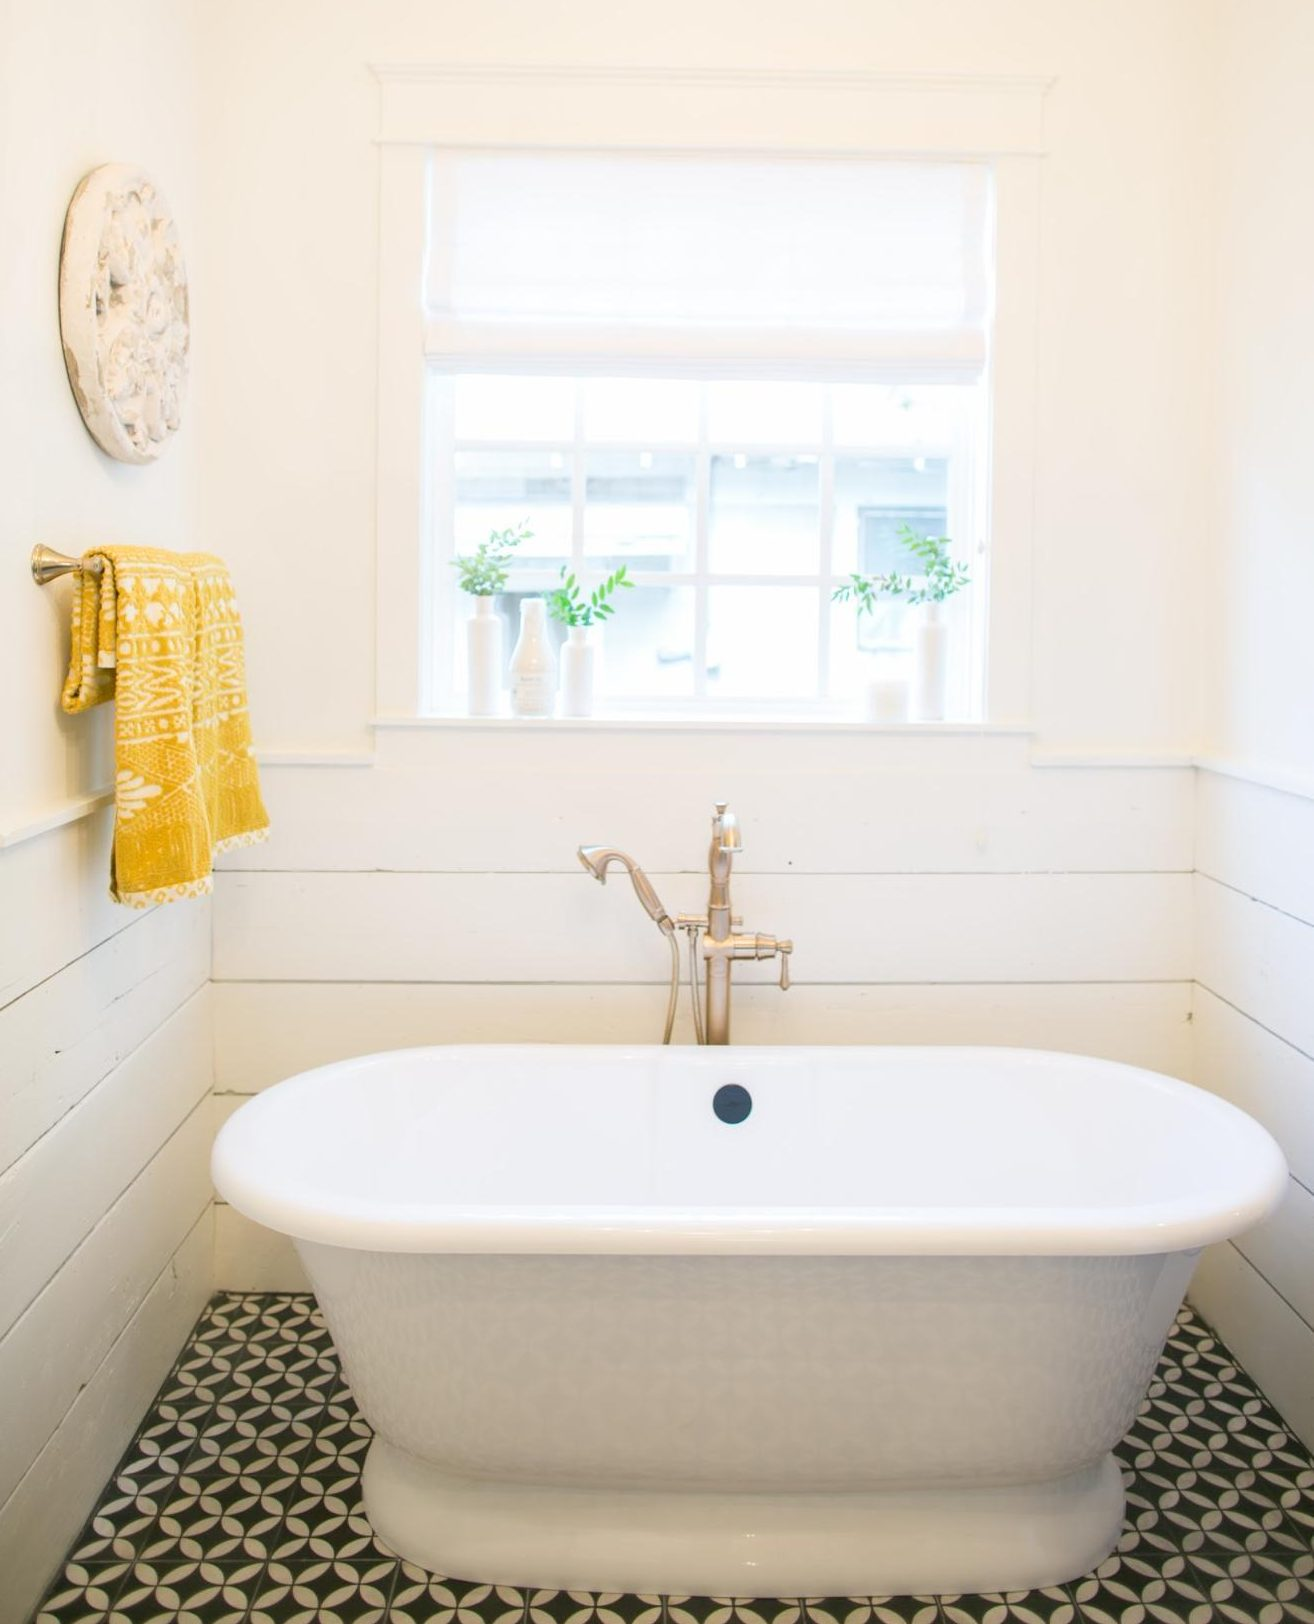 Shiplap in a bathroom